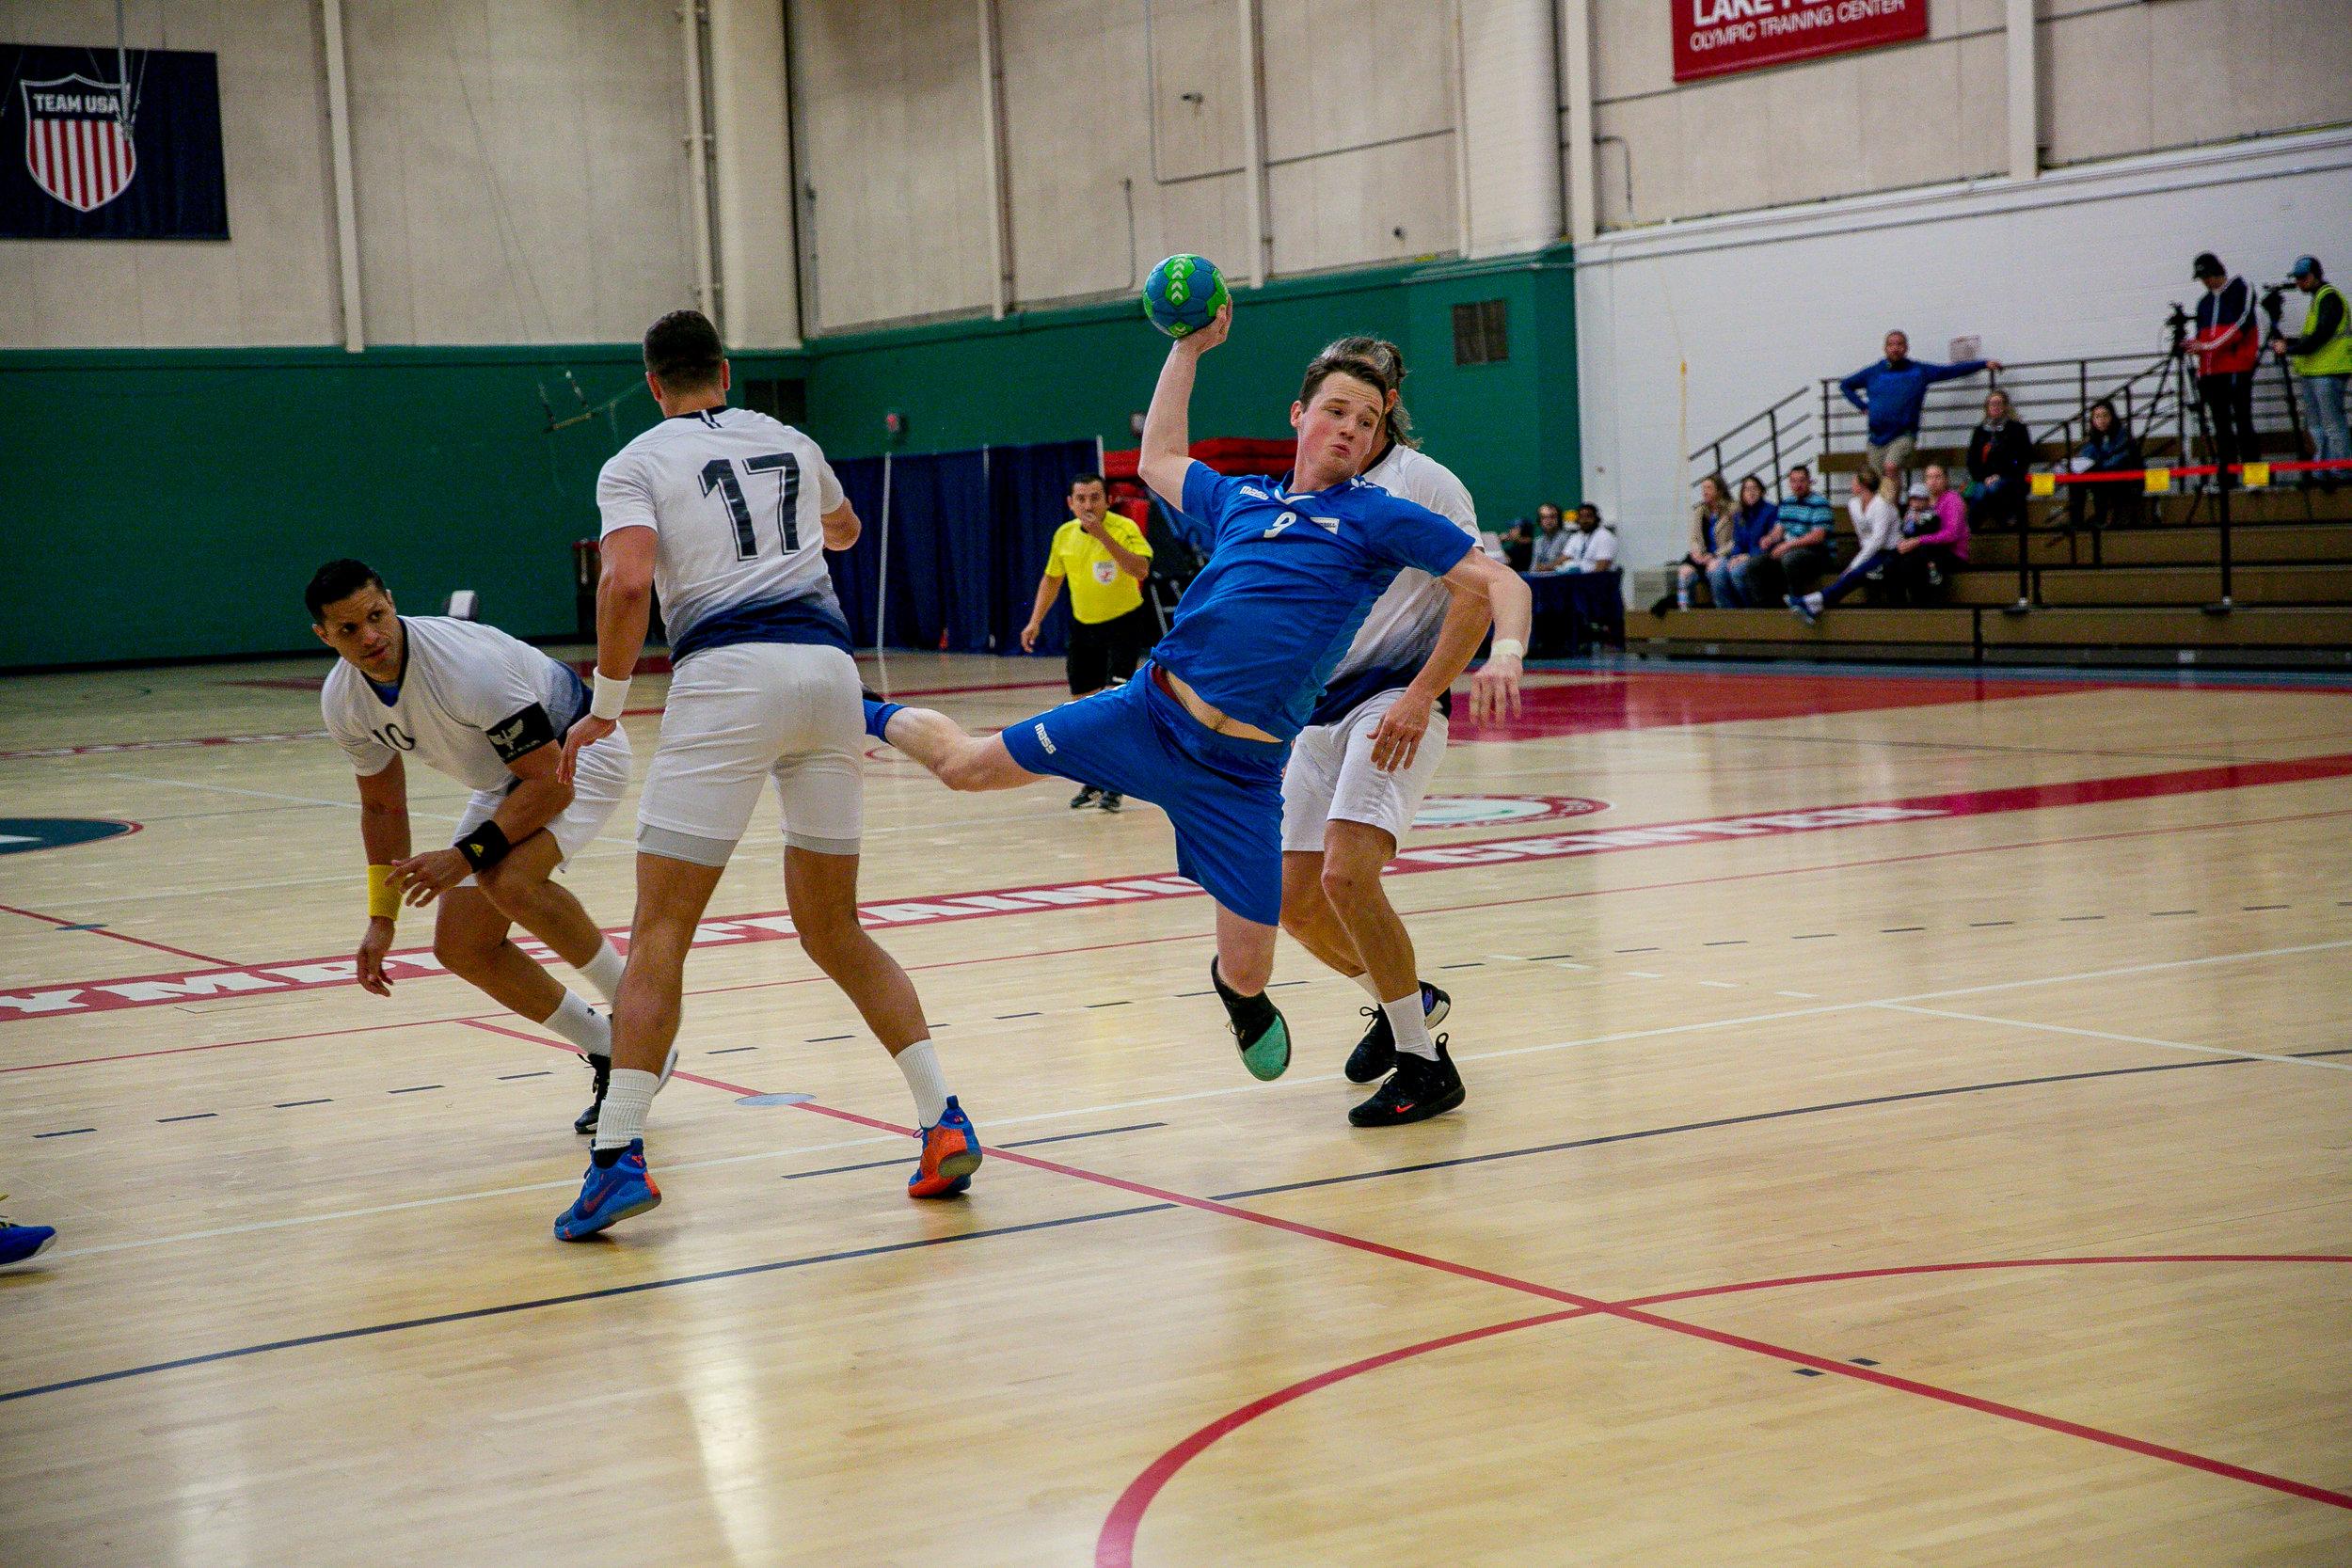 Handball Day 2 (1 of 11).jpg